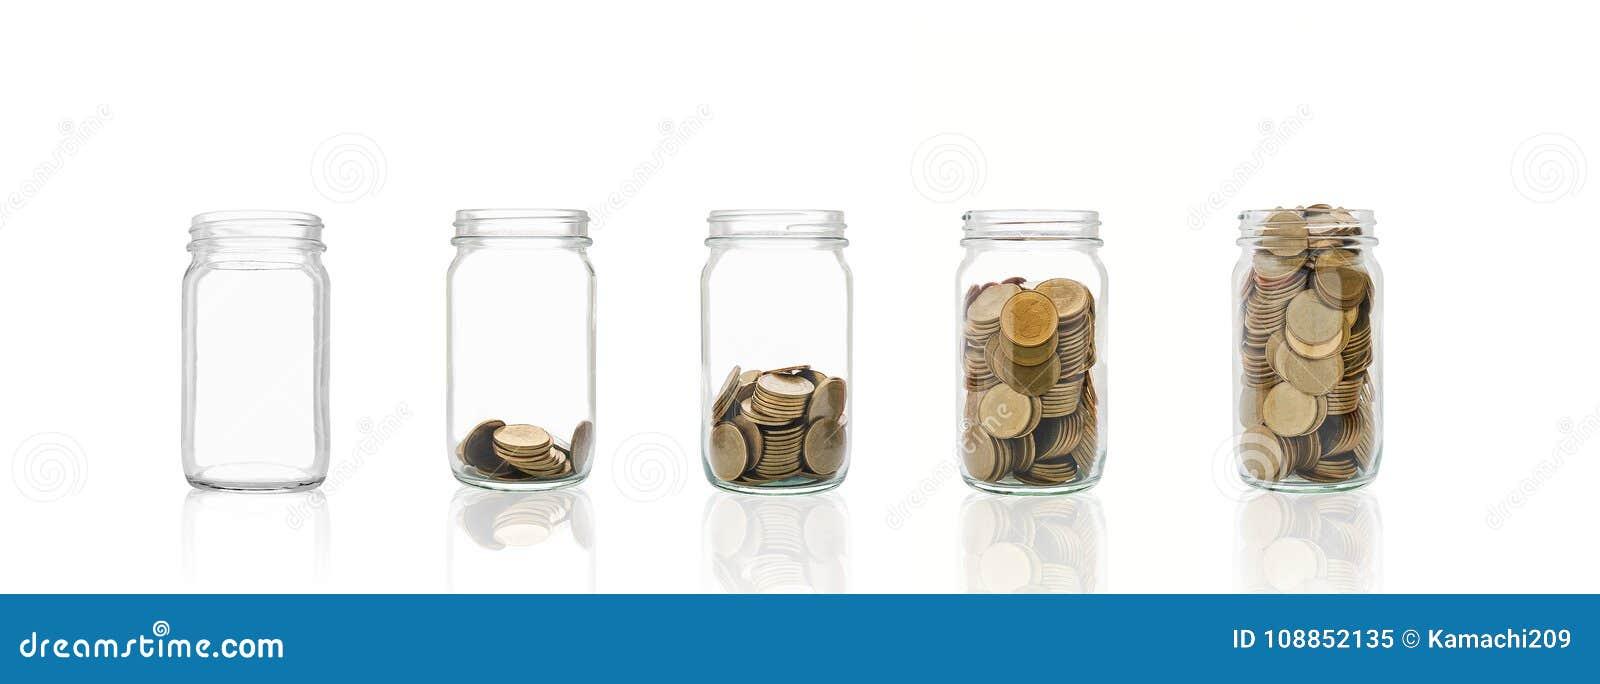 Mynt i en flaska, föreställer den finansiella tillväxten Mer pengar som du sparar, mer, ska du få